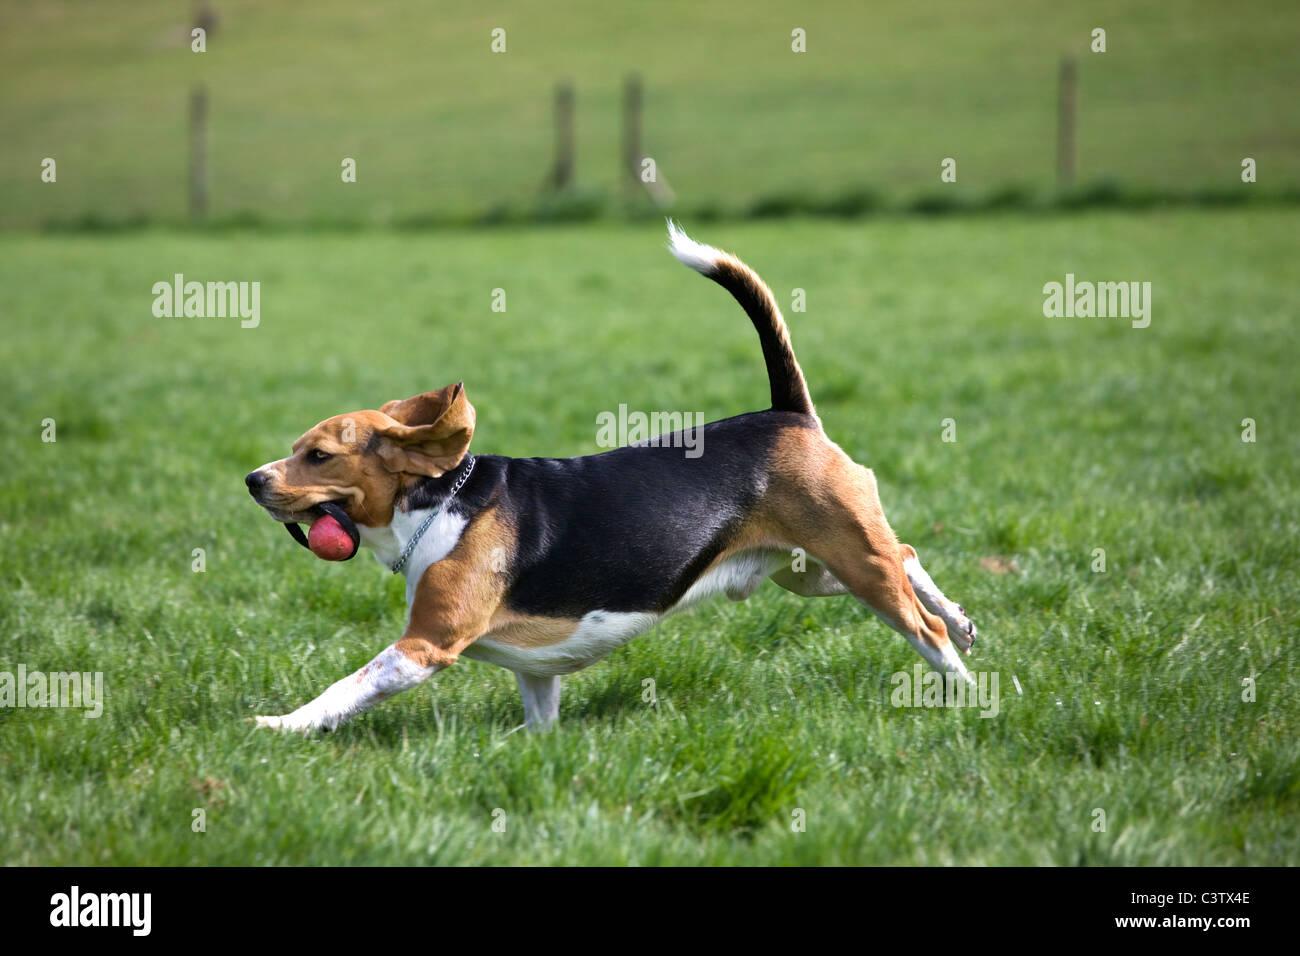 Beagle (Canis lupus familiaris) in esecuzione con la palla in bocca Immagini Stock